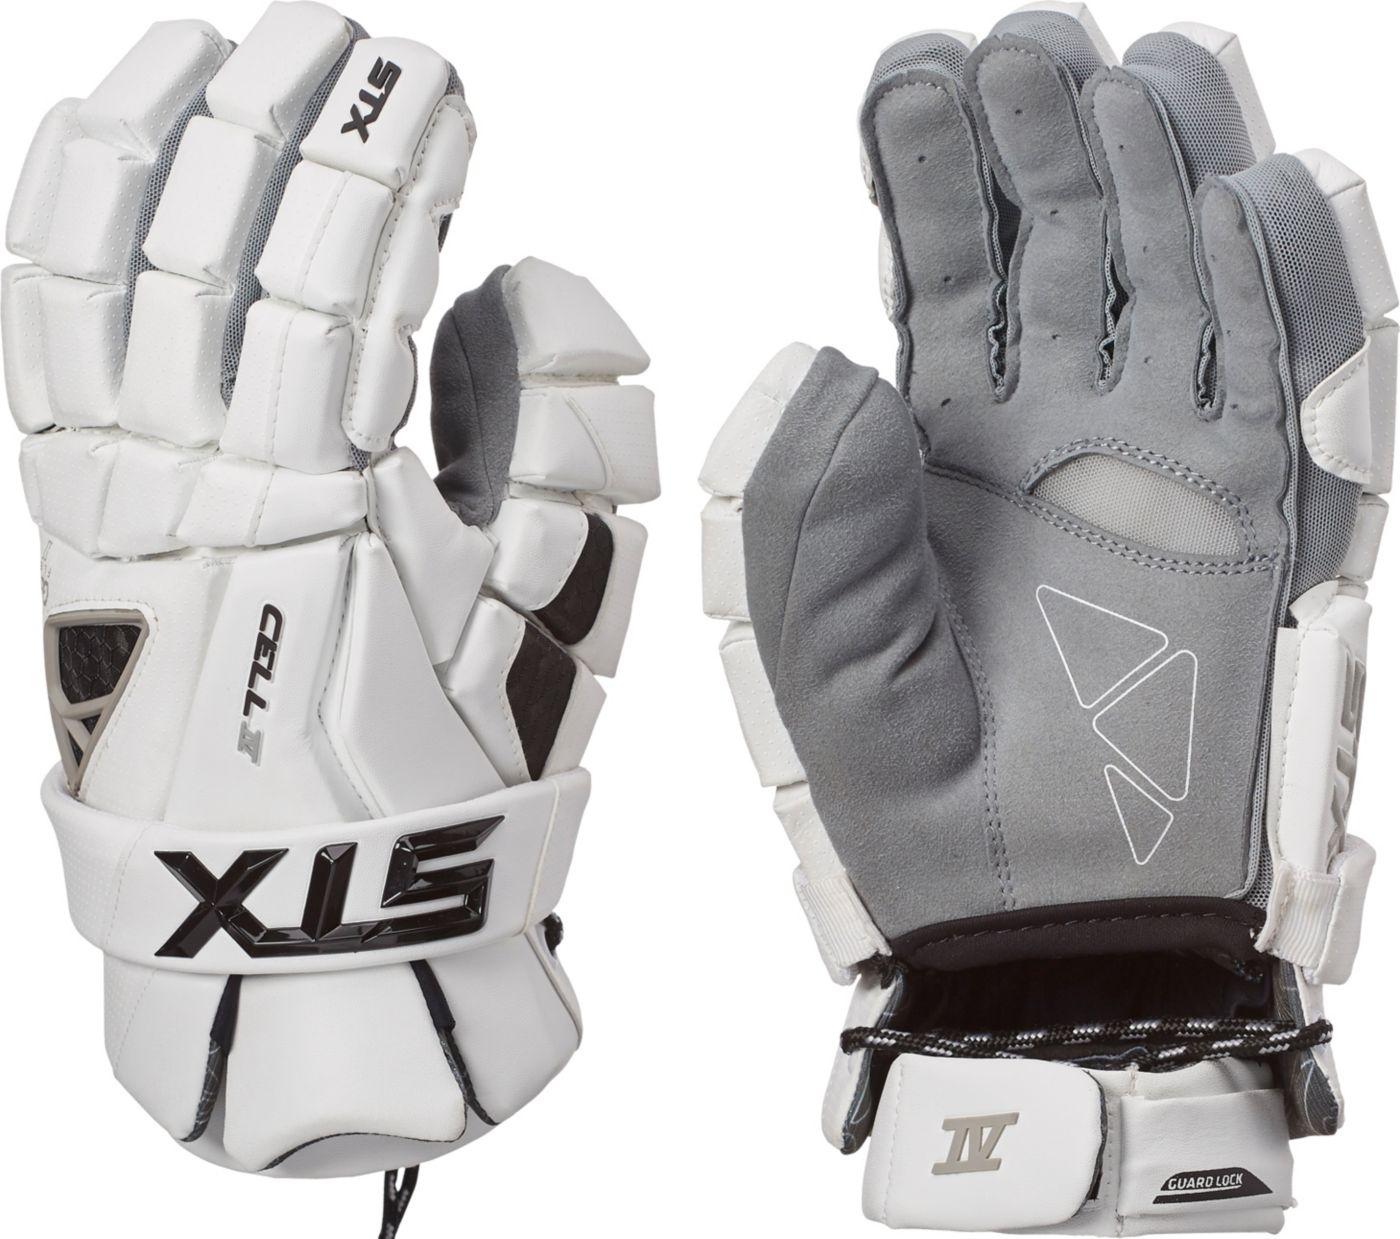 STX Men's Cell IV Lacrosse Gloves